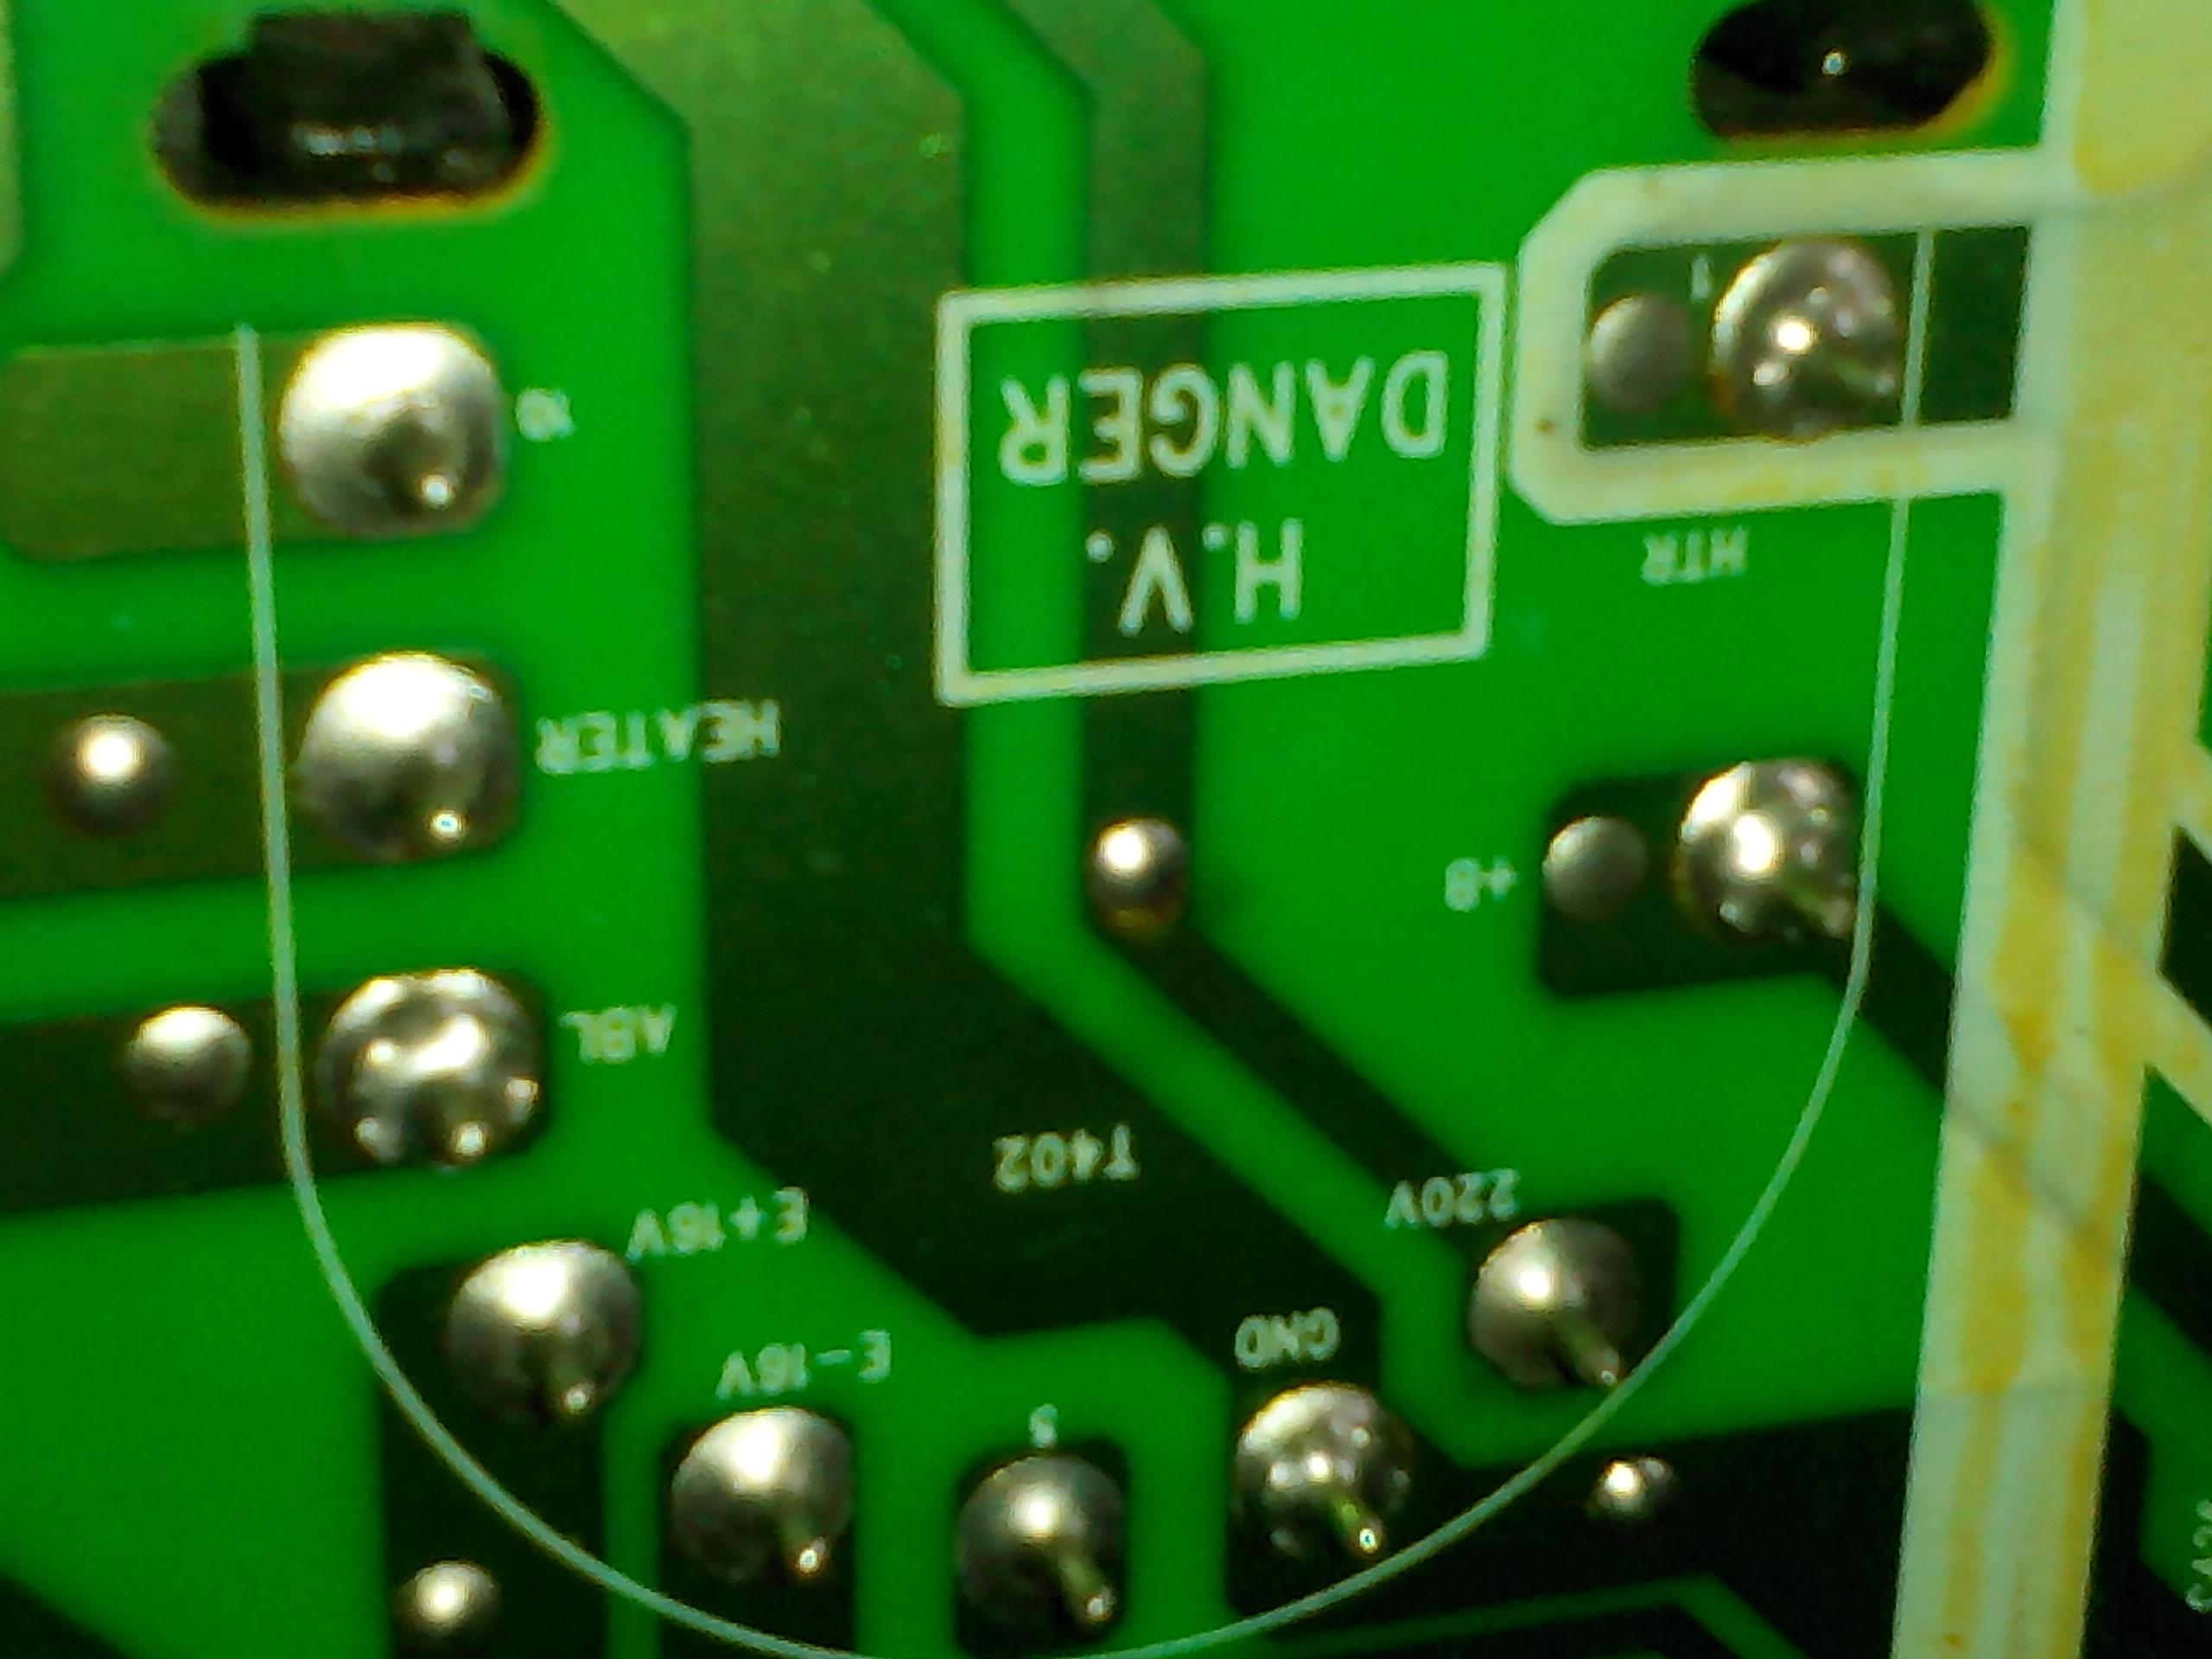 crt电视机的高压包 16v和地短路 220v和地低阻 确定高清图片